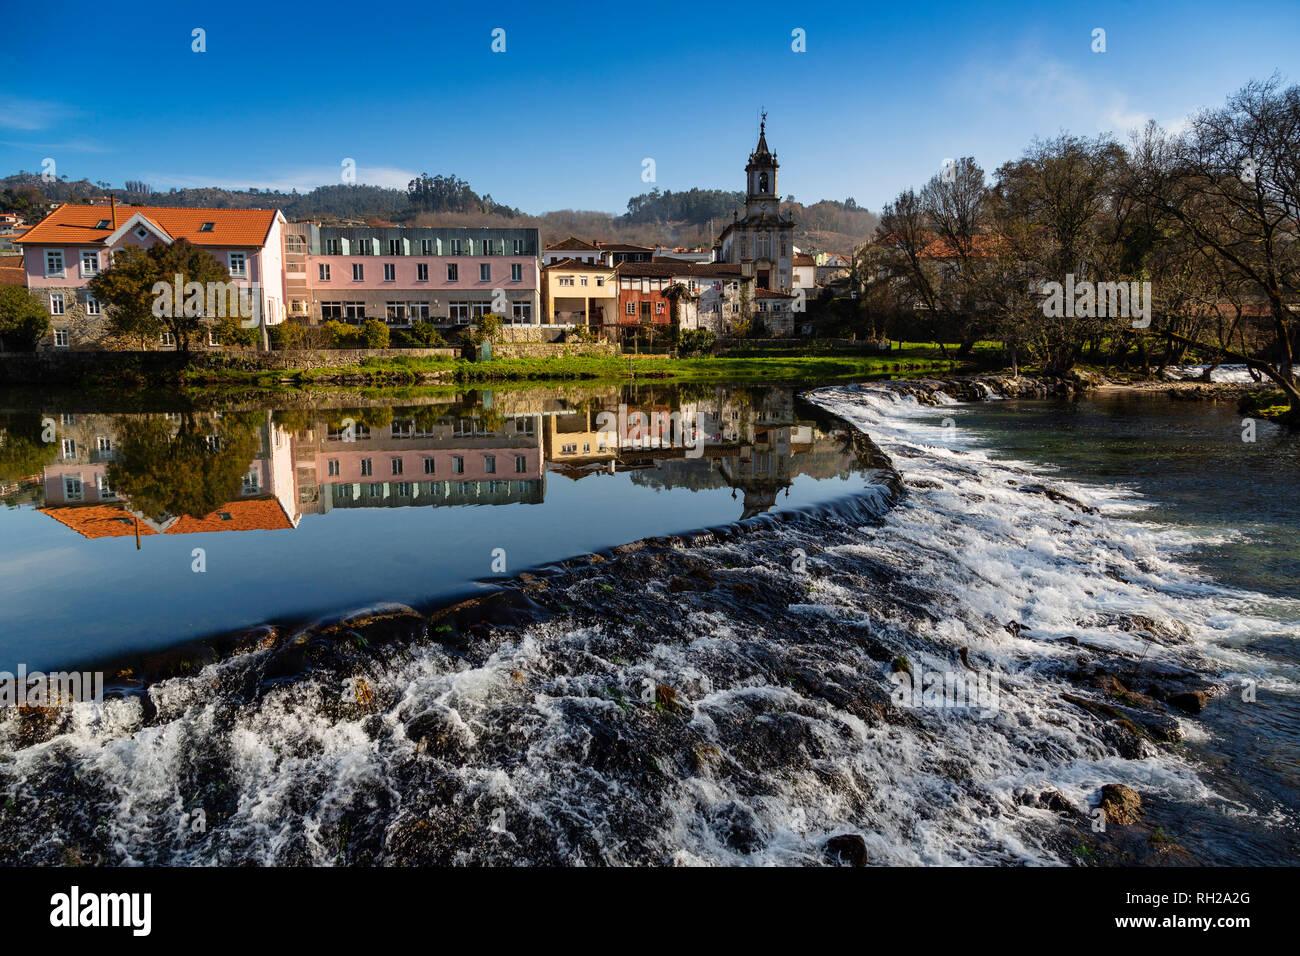 Vez river and village of Arcos de Valdevez. Viana do Castelo, Alto Minho region. Northern Portugal, Europe - Stock Image